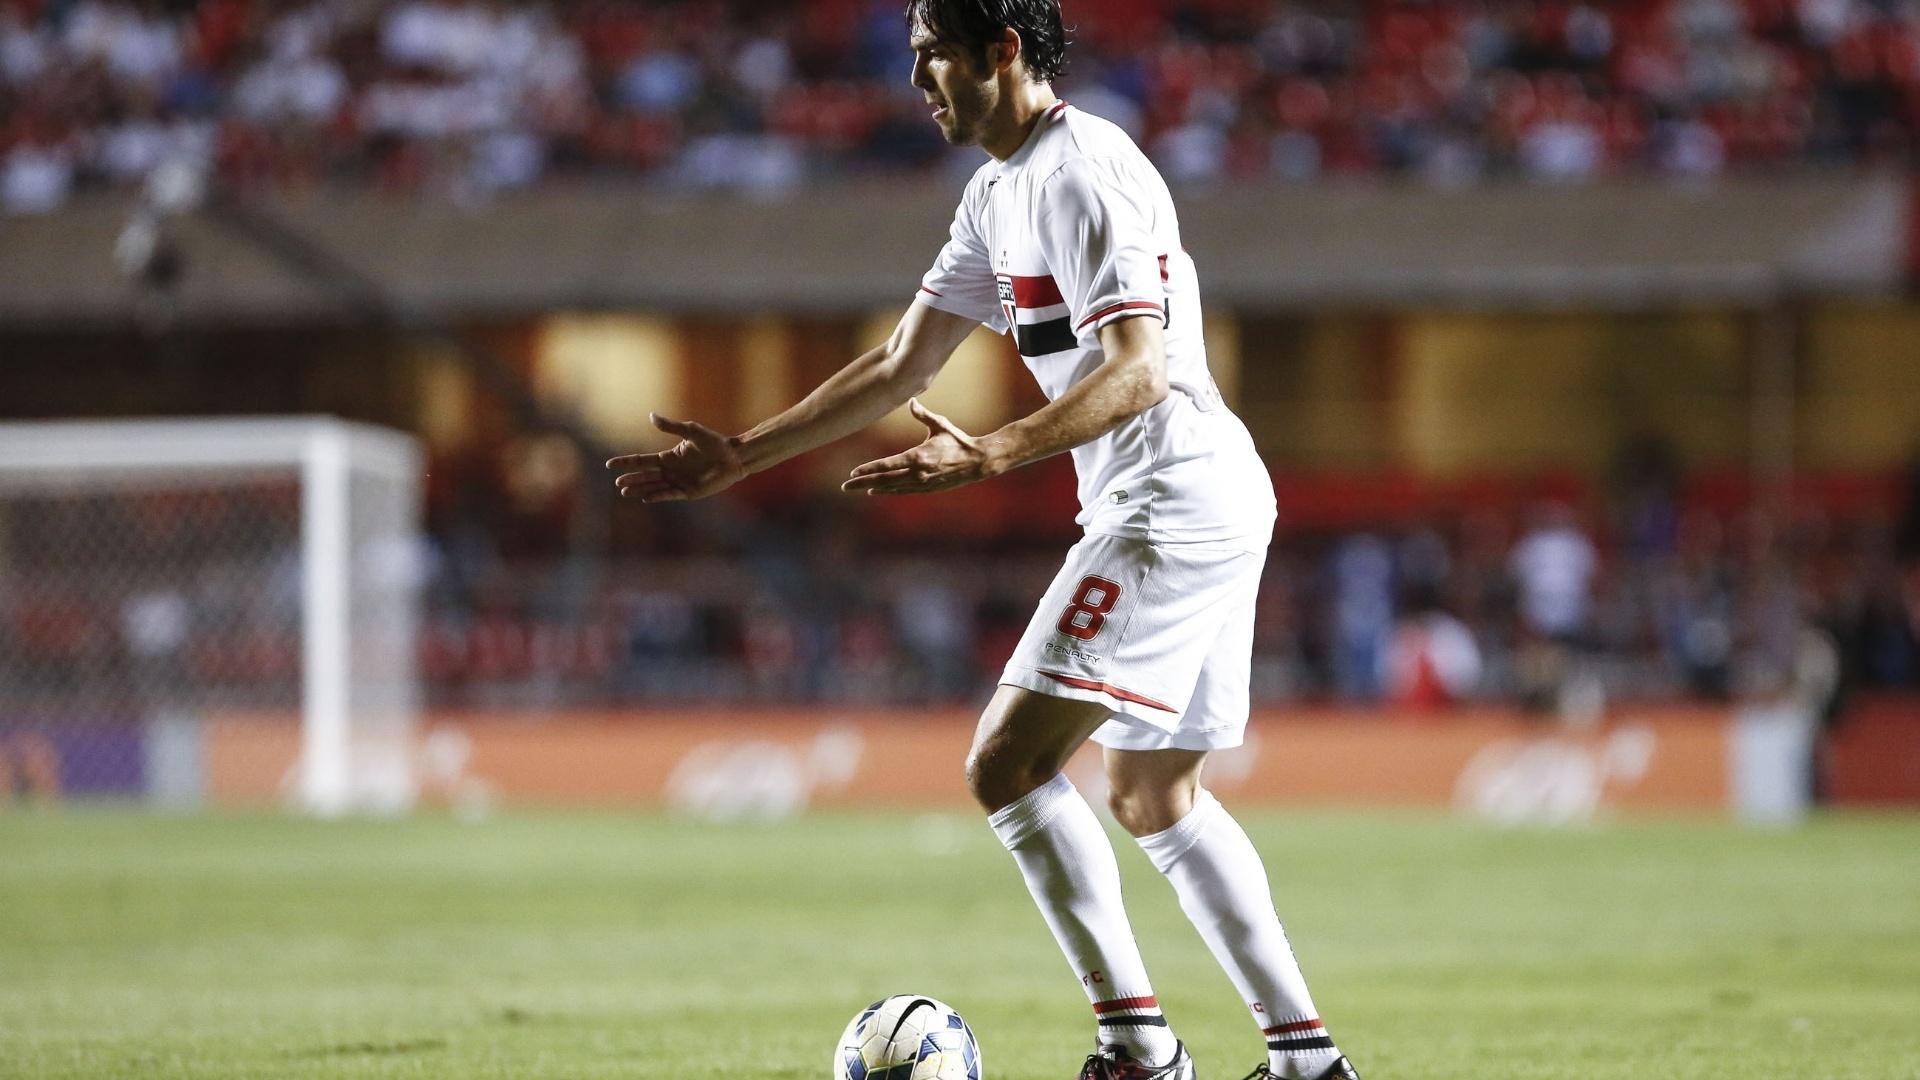 Kaká domina a bola e pede aproximação no jogo contra o Fluminense no Morumbi